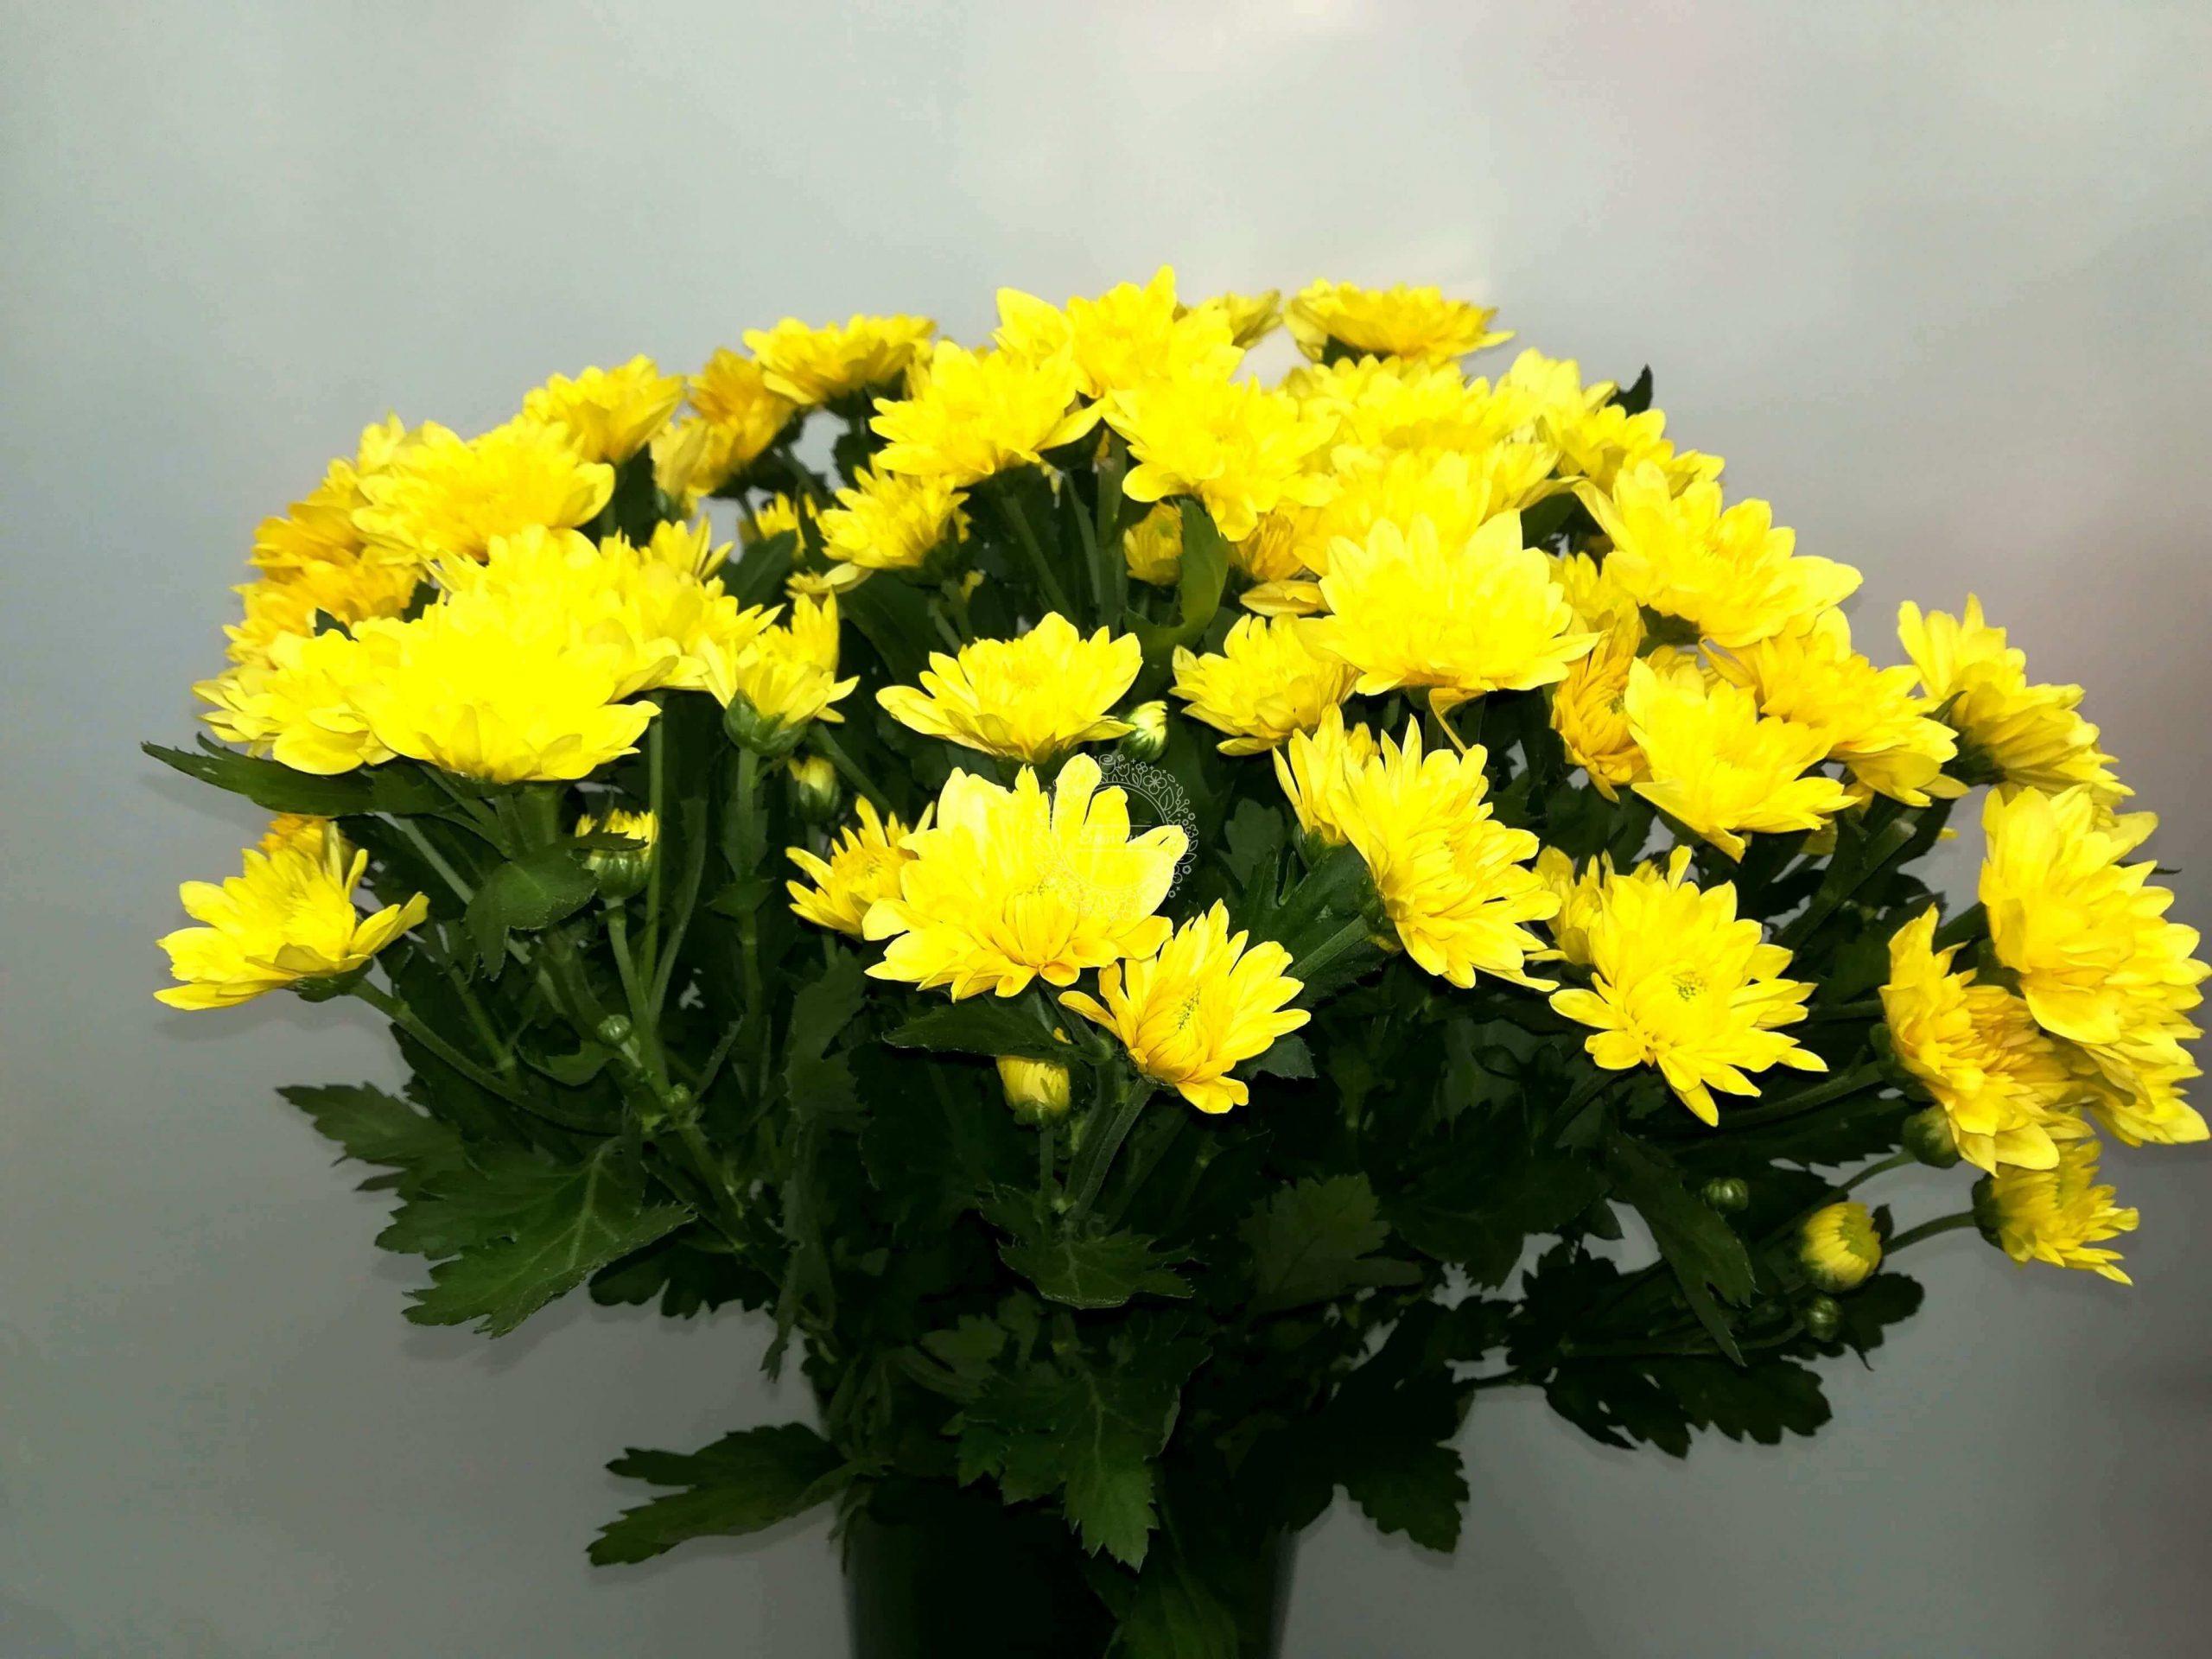 χρυσάνθεμα-κίτρινα ανθοδεσμη